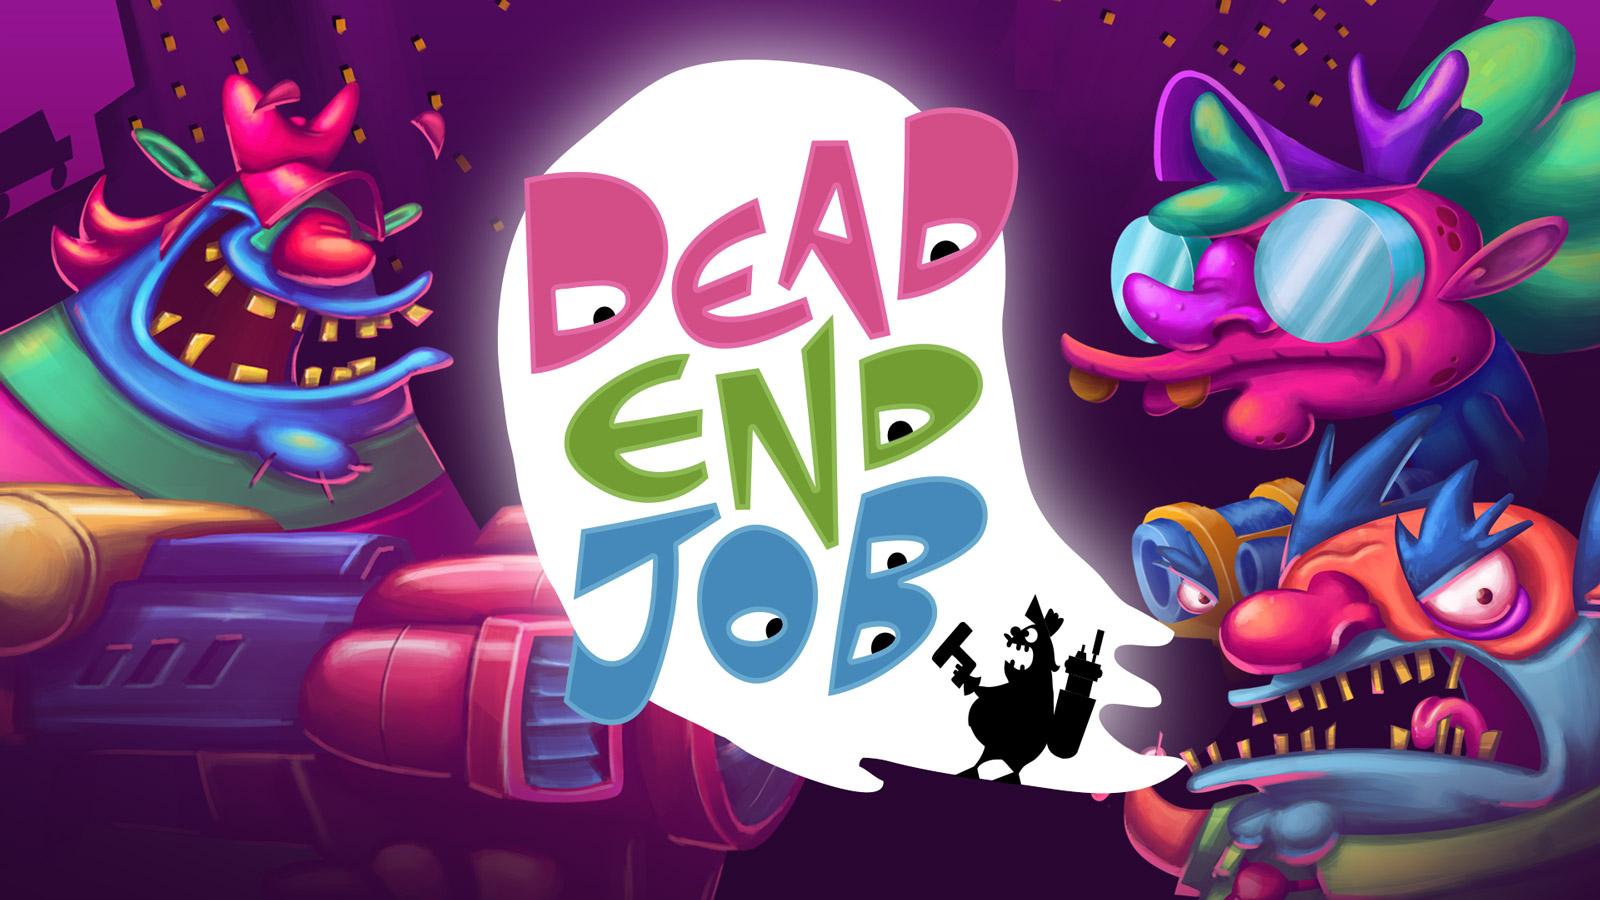 Free Dead End Job Wallpaper in 1600x900